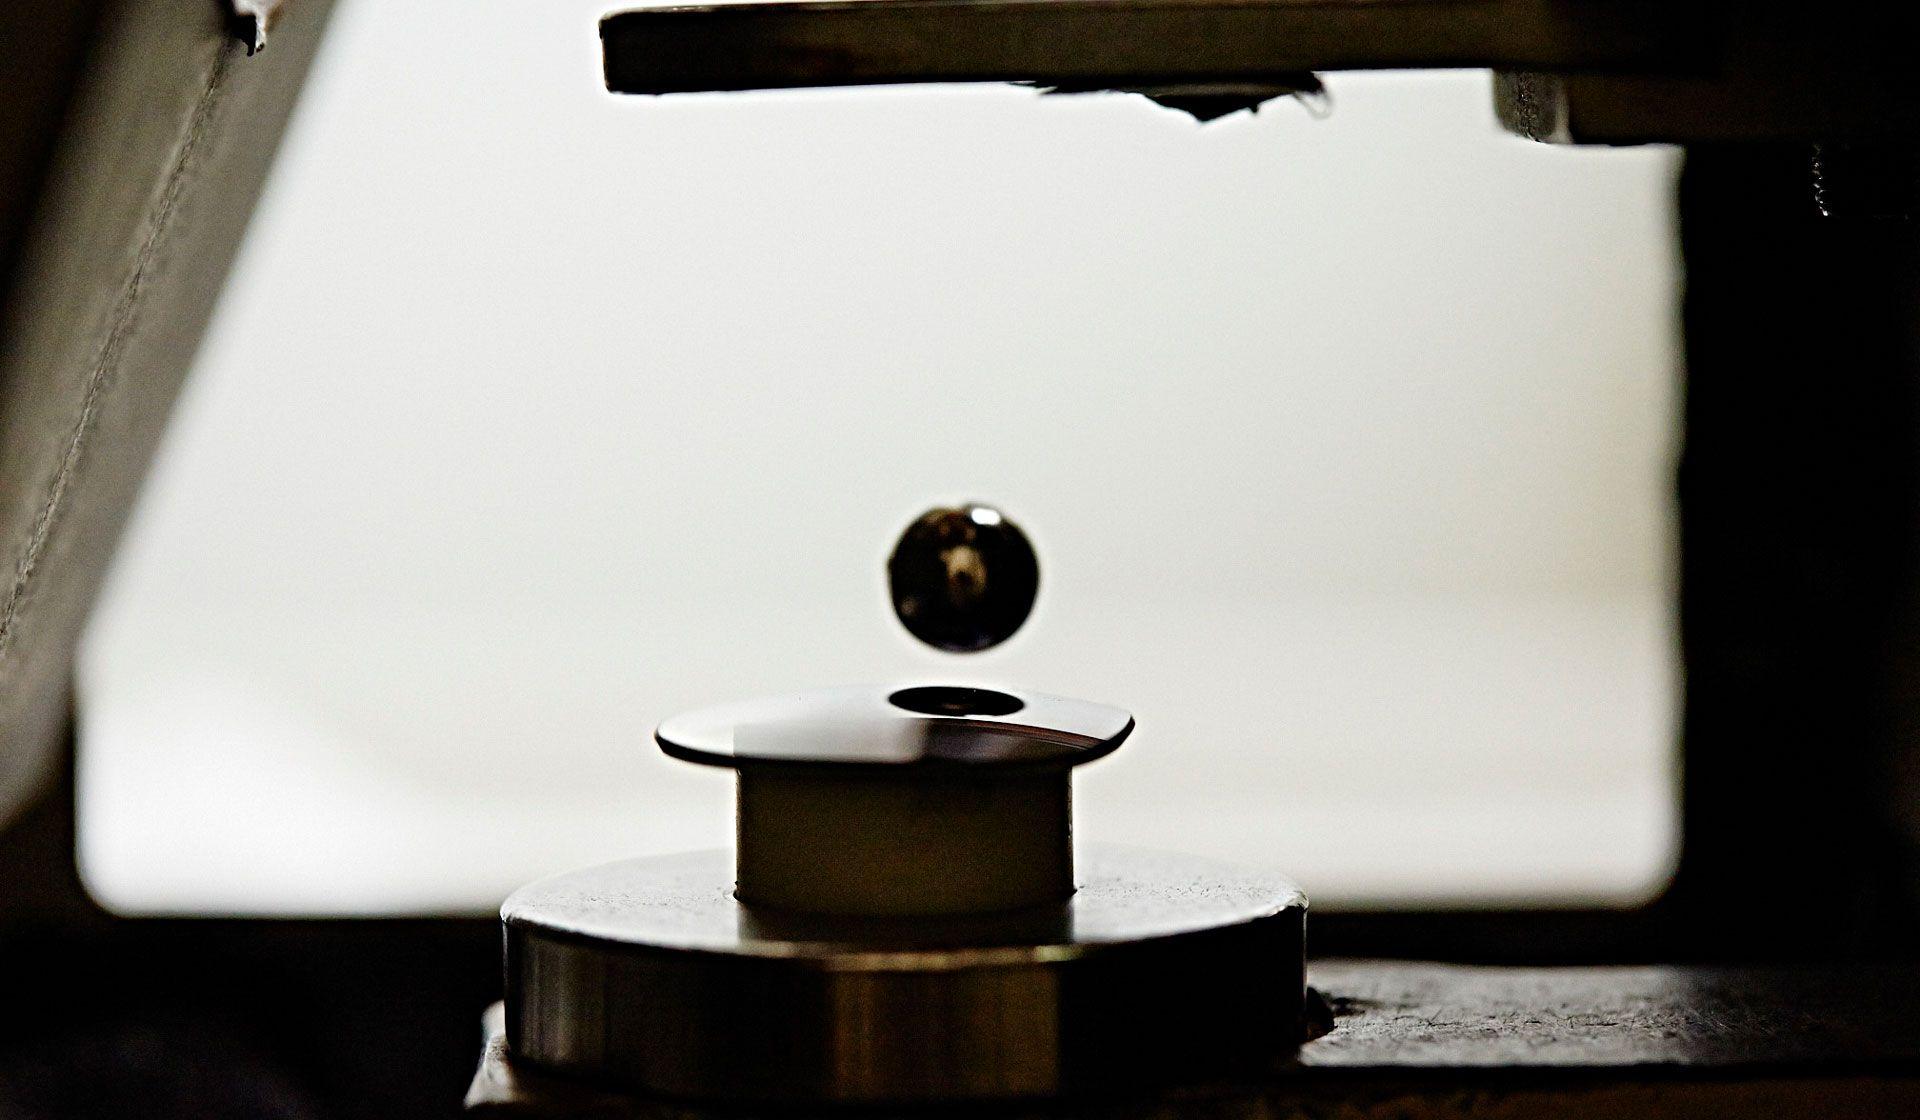 glass lens drop ball test